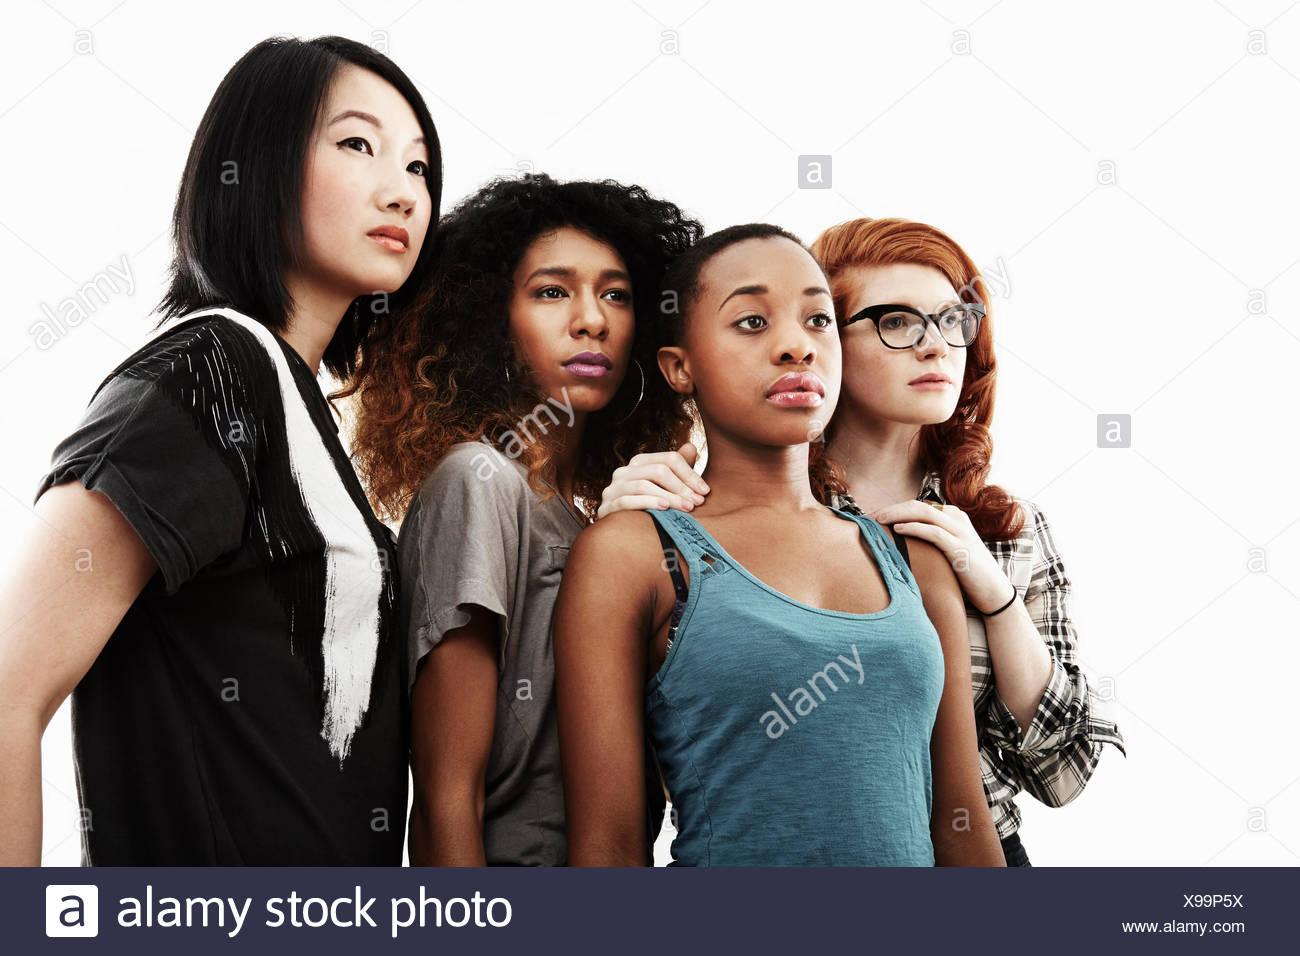 Studio-Porträt von vier schweren jungen Frauen Stockbild